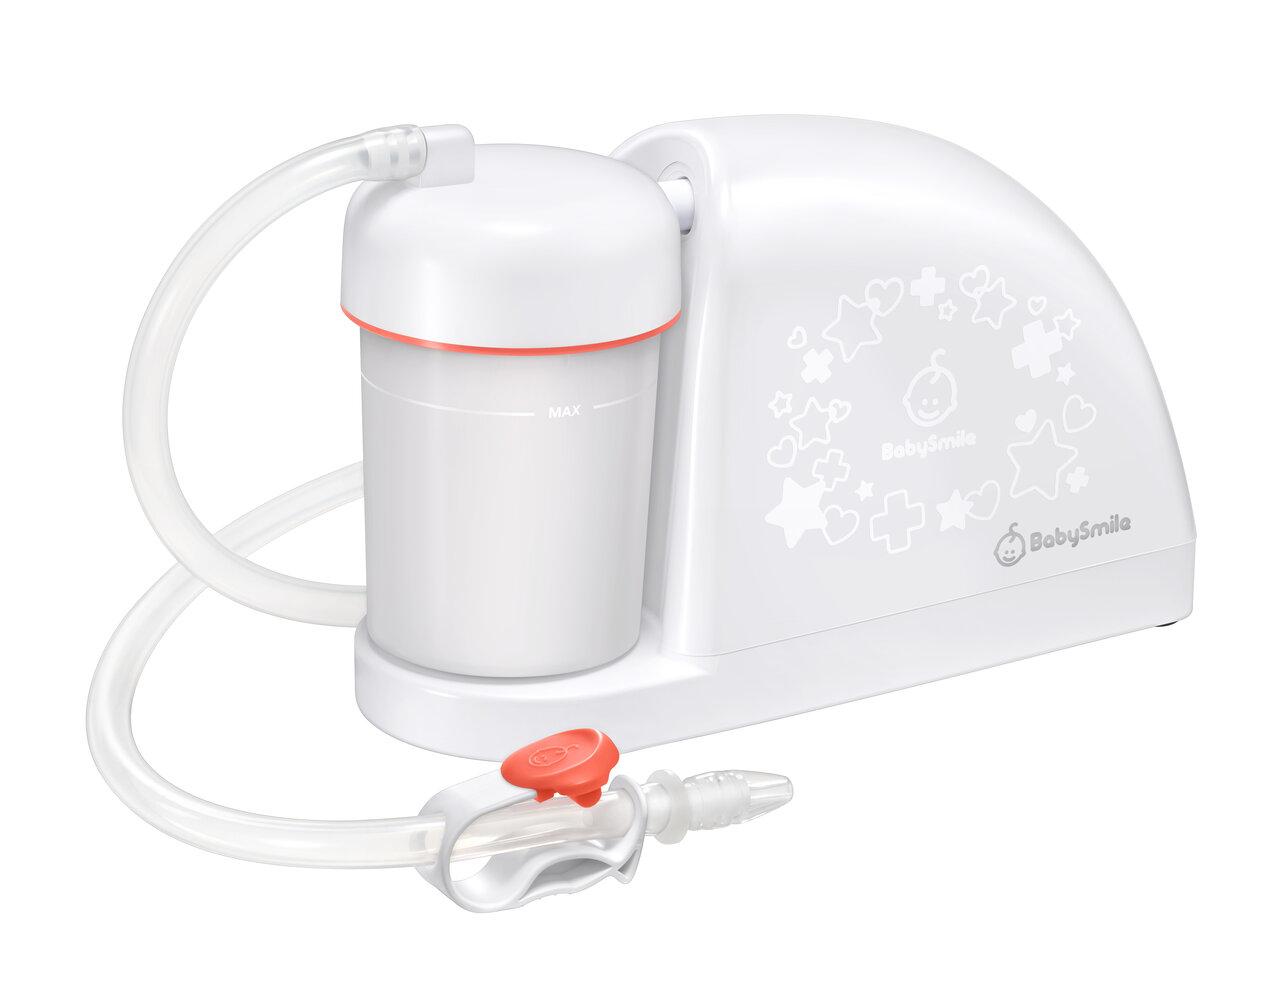 電動鼻水吸引器「メルシーポット」がリニューアル! 新モデル発売中